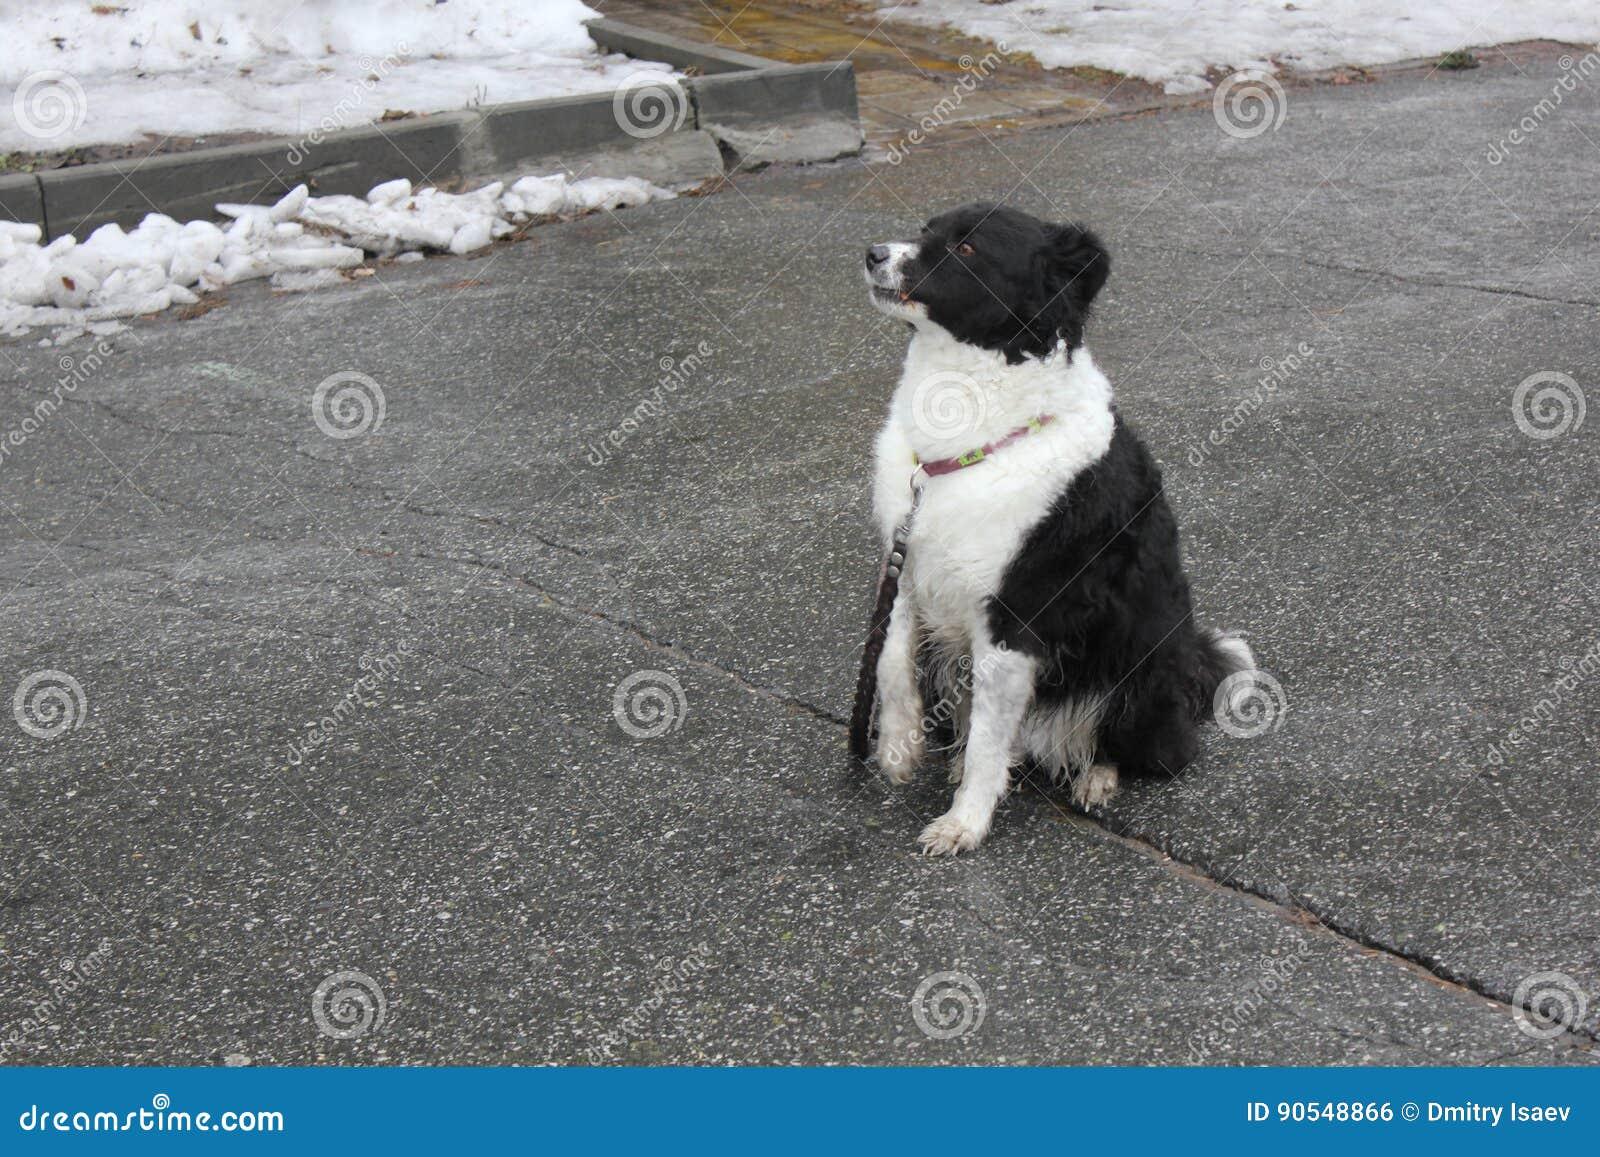 Schwarz Weißer Hund Der Auf Seinen Hinterbeinen Auf Dem Asphalt